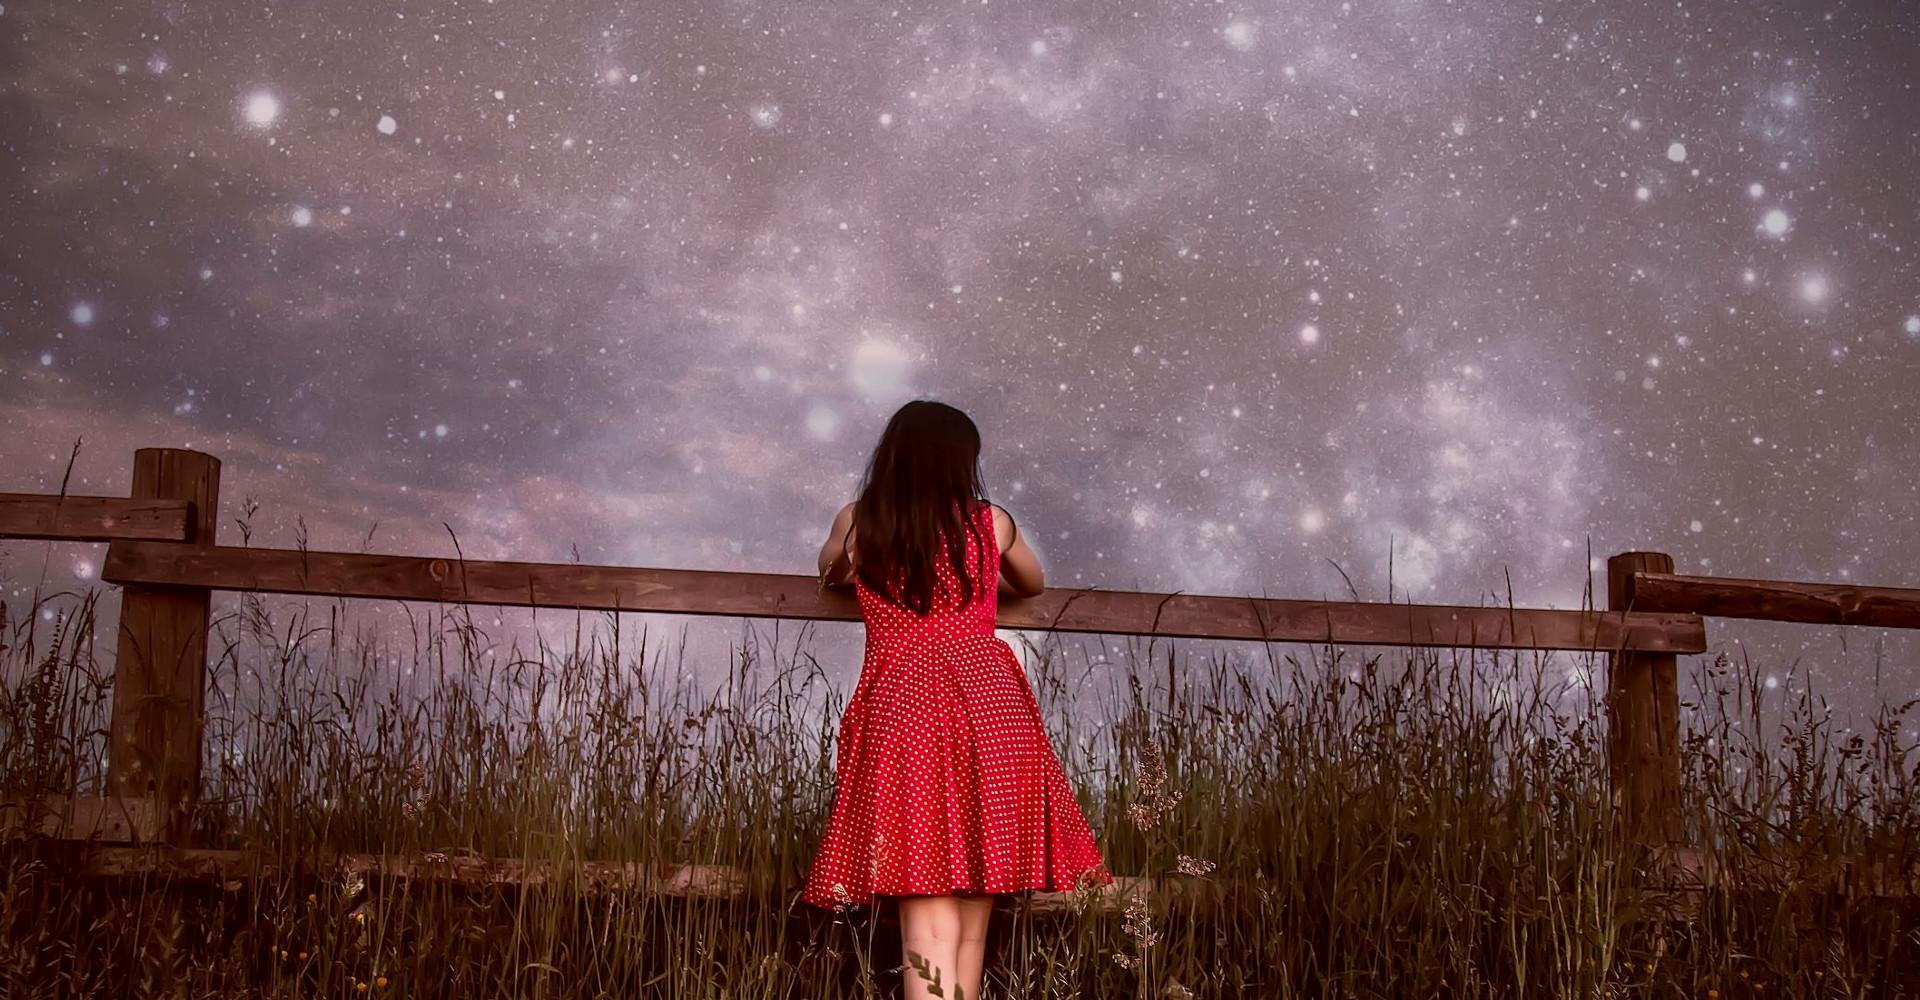 Sternenhimmel Apps 20 Anwendungen, um den Nachthimmel zu erforschen